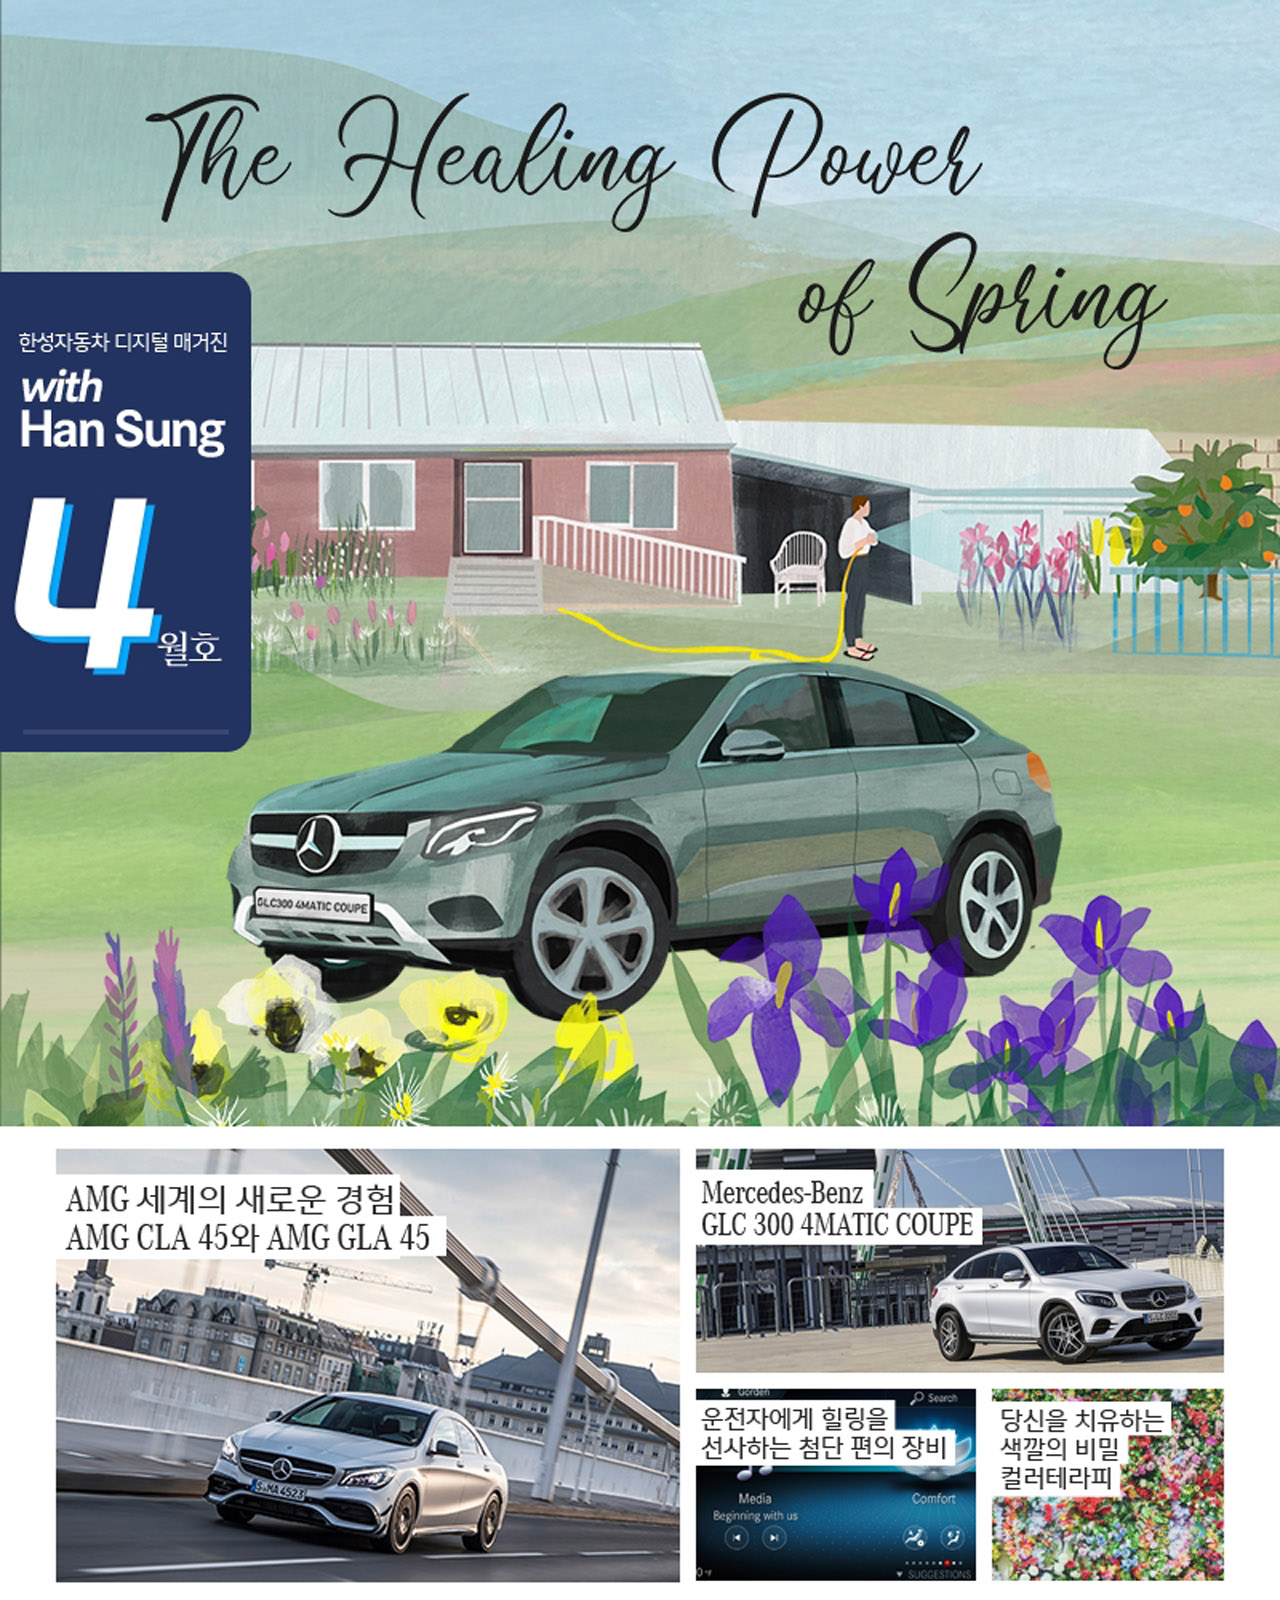 190419 [보도자료] 메르세데스-벤츠 공식딜러 한성자동차, 'with Han Sung' 4월호 발간 및 페이스북 이벤트 진행